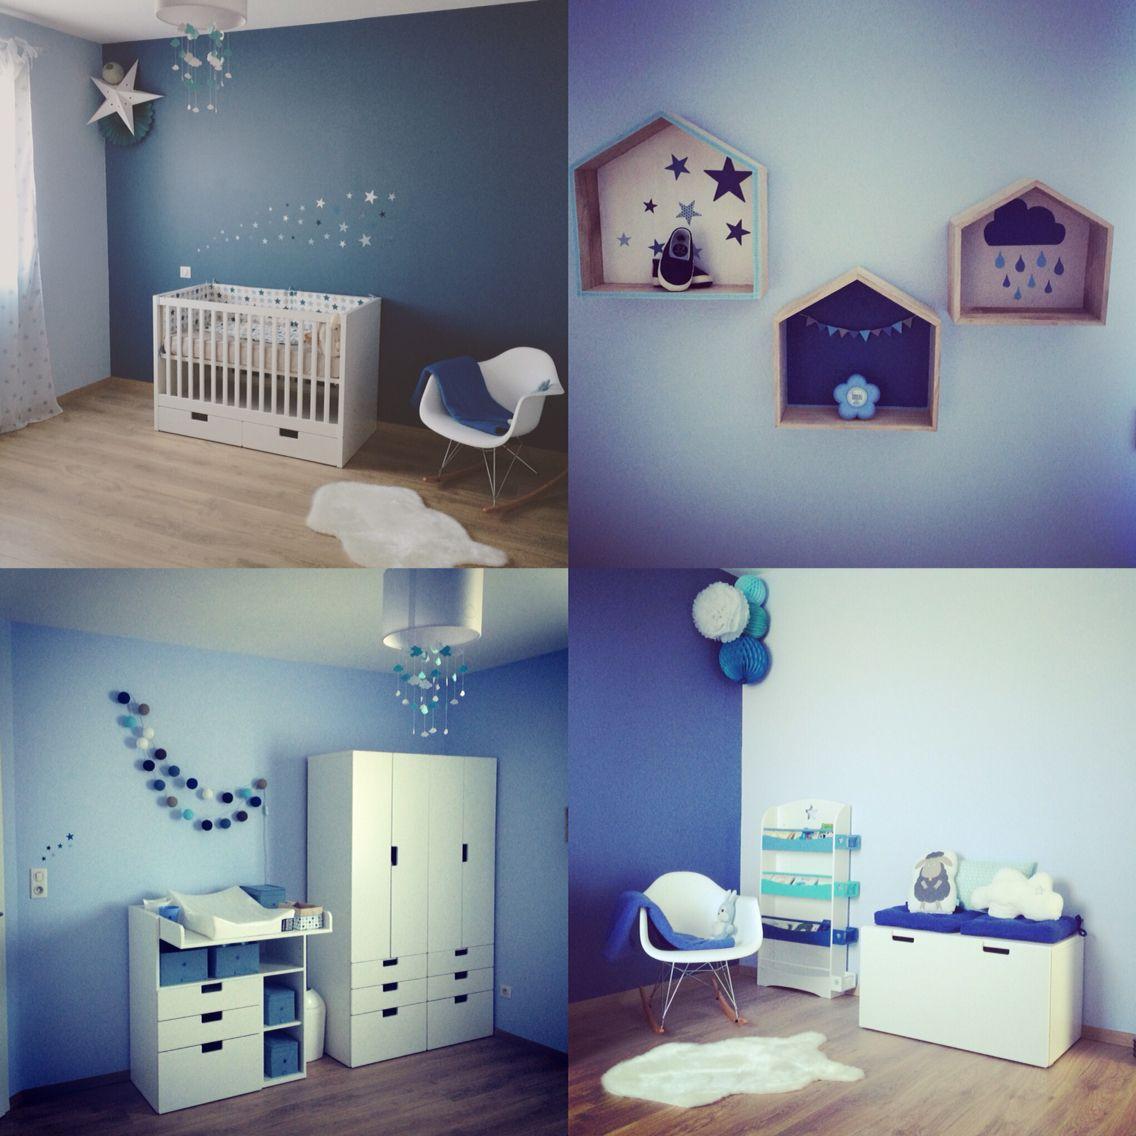 Chambre bébé thème étoiles et nuages  Chambre enfant, Chambre